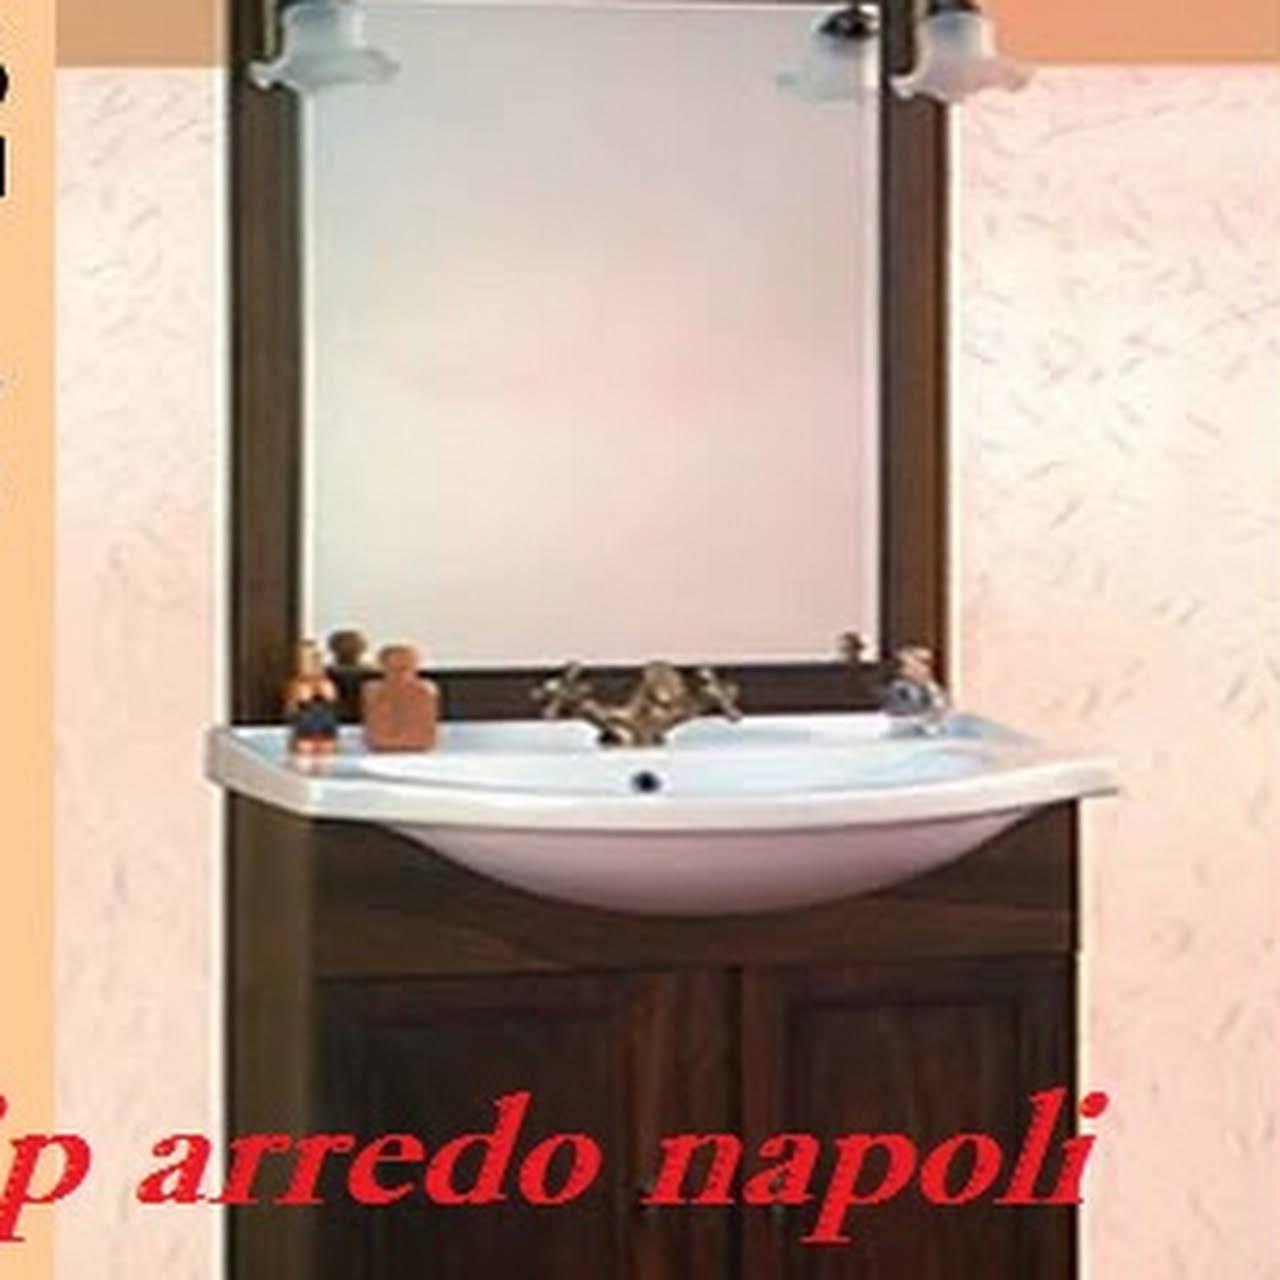 Per Sempre Arredamenti Napoli 3p arredo - negozio di arredamenti a napoli da oltre 60 anni